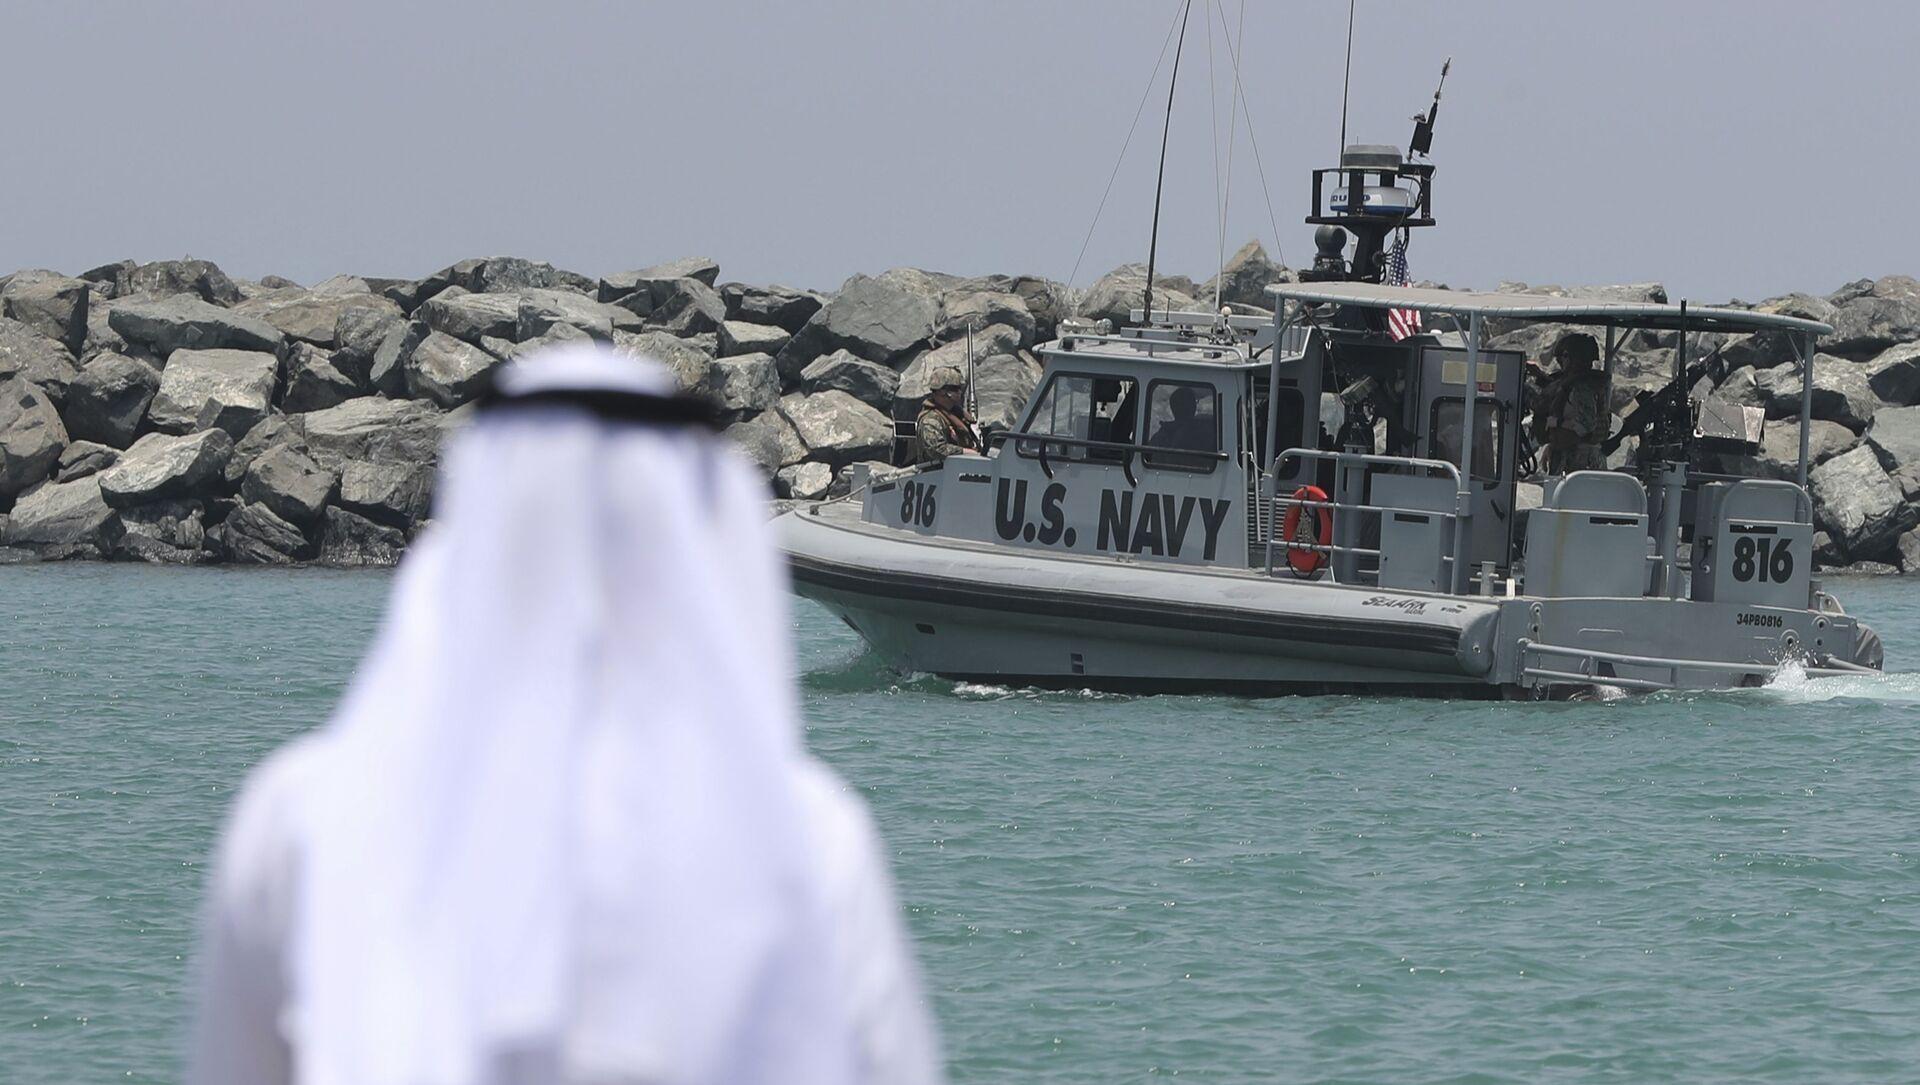 Un patrouilleur de la marine américaine transportant des journalistes pour voir les pétroliers endommagés quitte une base de la 5e flotte de la marine américaine près de Fujairah, aux Émirats arabes unis, mercredi 19 juin 2019. Les mines à patelle utilisées pour attaquer un pétrolier japonais près du détroit d'Ormuz présentaient une ressemblance frappante avec des mines similaires exhibées par l'Iran, a déclaré mercredi un expert en explosifs de la marine américaine. L'Iran a nié être impliqué. (AP Photo/Kamran Jebreili) - Sputnik France, 1920, 27.07.2021